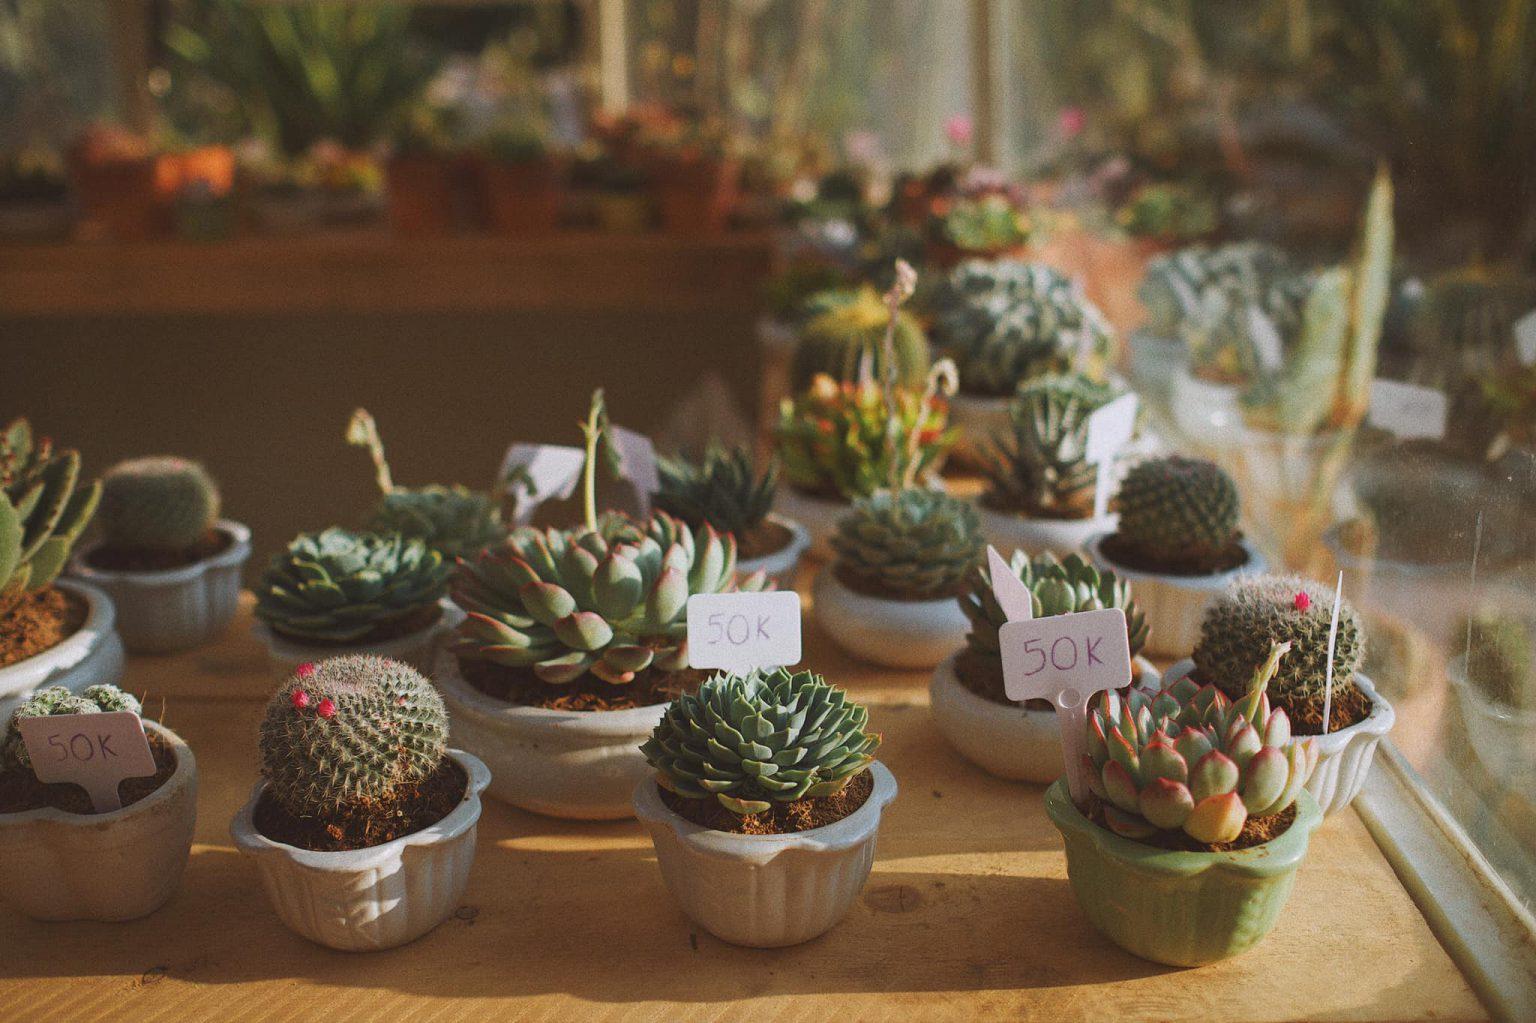 Vườn sen đá, xương rồng nhỏ nhắn bạn có thể mua về trang trí thêm cho khu vườn của mình nha.